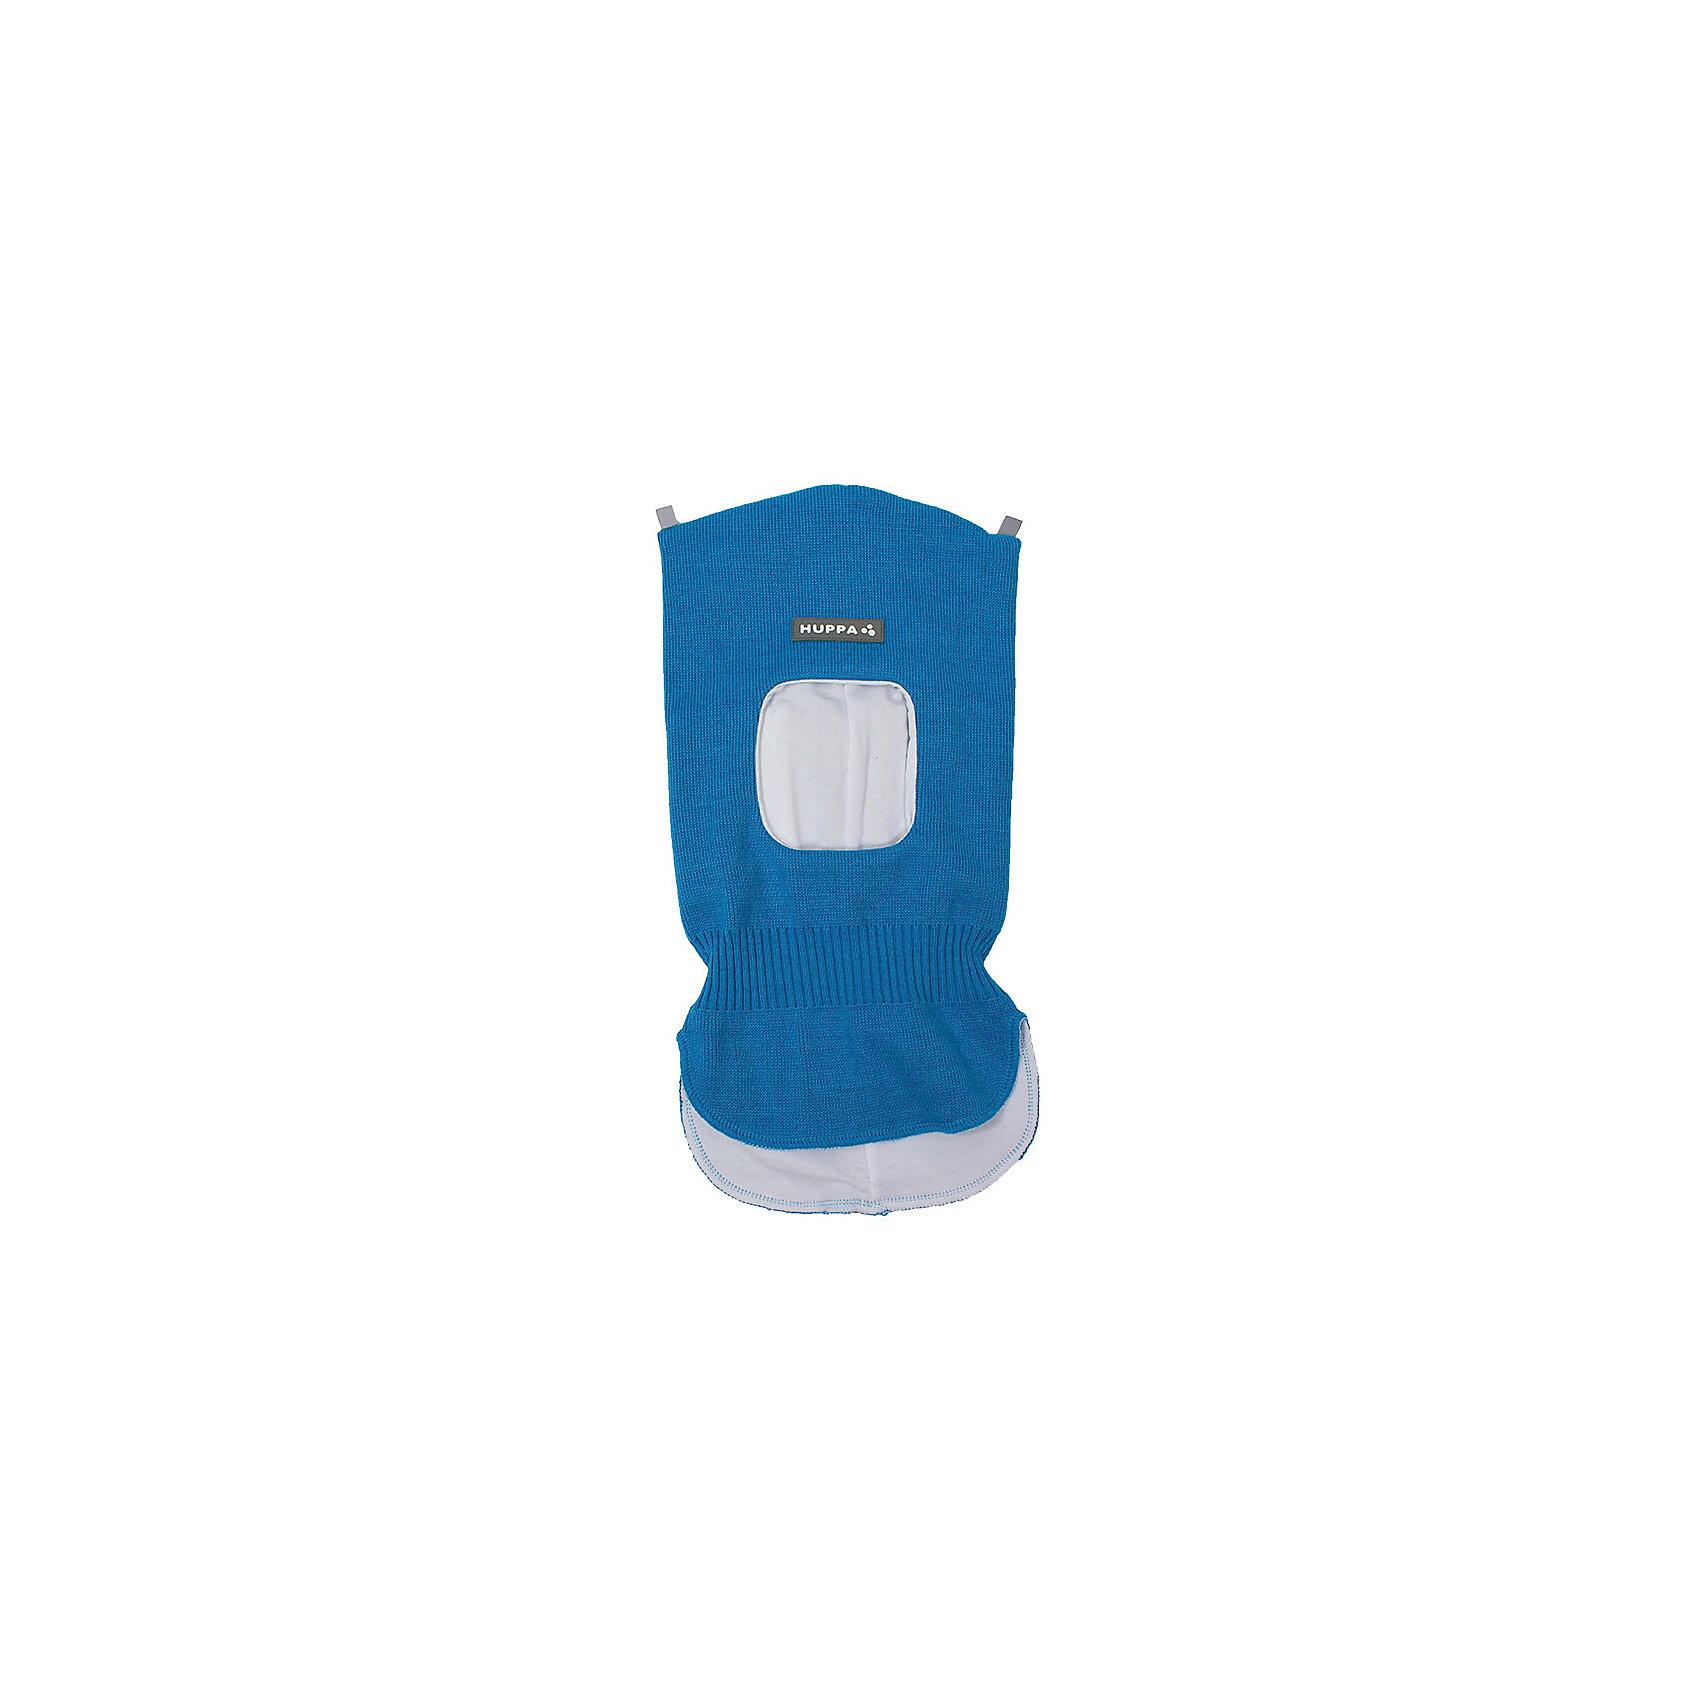 Шапка-шлем SELAH для мальчика HuppaДемисезонные<br>Характеристики товара:<br><br>• цвет: голубой<br>• состав: 50% хлопок, 50% акрил<br>• подкладка: трикотаж - 100% хлопок<br>• температурный режим: от -5°С до +10°С<br>• демисезонная<br>• мягкая резинка на шее<br>• логотип<br>• комфортная посадка<br>• мягкий материал<br>• страна бренда: Эстония<br><br>Эта шапка обеспечит детям тепло и комфорт. Она сделана из приятного на ощупь мягкого материала. Шапка очень симпатично смотрится, а дизайн и расцветка позволяют сочетать её с различной одеждой. Модель была разработана специально для детей.<br><br>Одежда и обувь от популярного эстонского бренда Huppa - отличный вариант одеть ребенка можно и комфортно. Вещи, выпускаемые компанией, качественные, продуманные и очень удобные. Для производства изделий используются только безопасные для детей материалы. Продукция от Huppa порадует и детей, и их родителей!<br><br>Шапку-шлем SELAH от бренда Huppa (Хуппа) можно купить в нашем интернет-магазине.<br><br>Ширина мм: 89<br>Глубина мм: 117<br>Высота мм: 44<br>Вес г: 155<br>Цвет: голубой<br>Возраст от месяцев: 6<br>Возраст до месяцев: 12<br>Пол: Мужской<br>Возраст: Детский<br>Размер: 43-45,51-53,47-49<br>SKU: 5347597